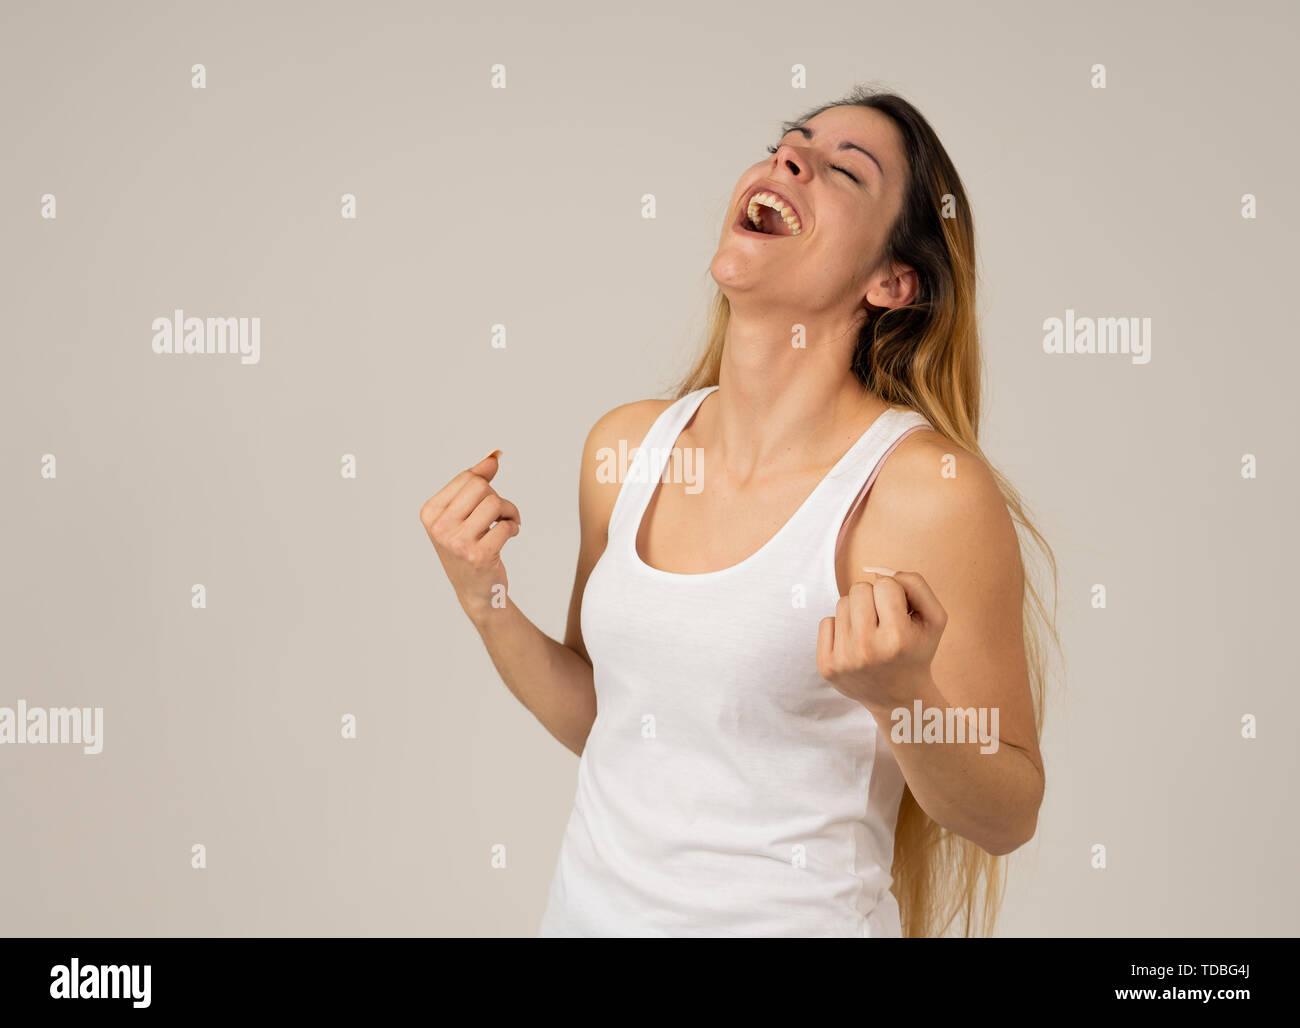 Retrato de hermosa conmocionada joven ganando o que tiene un gran éxito con sorpresa y cara feliz sensación tan entusiasmados. Expresión humana positiv Imagen De Stock